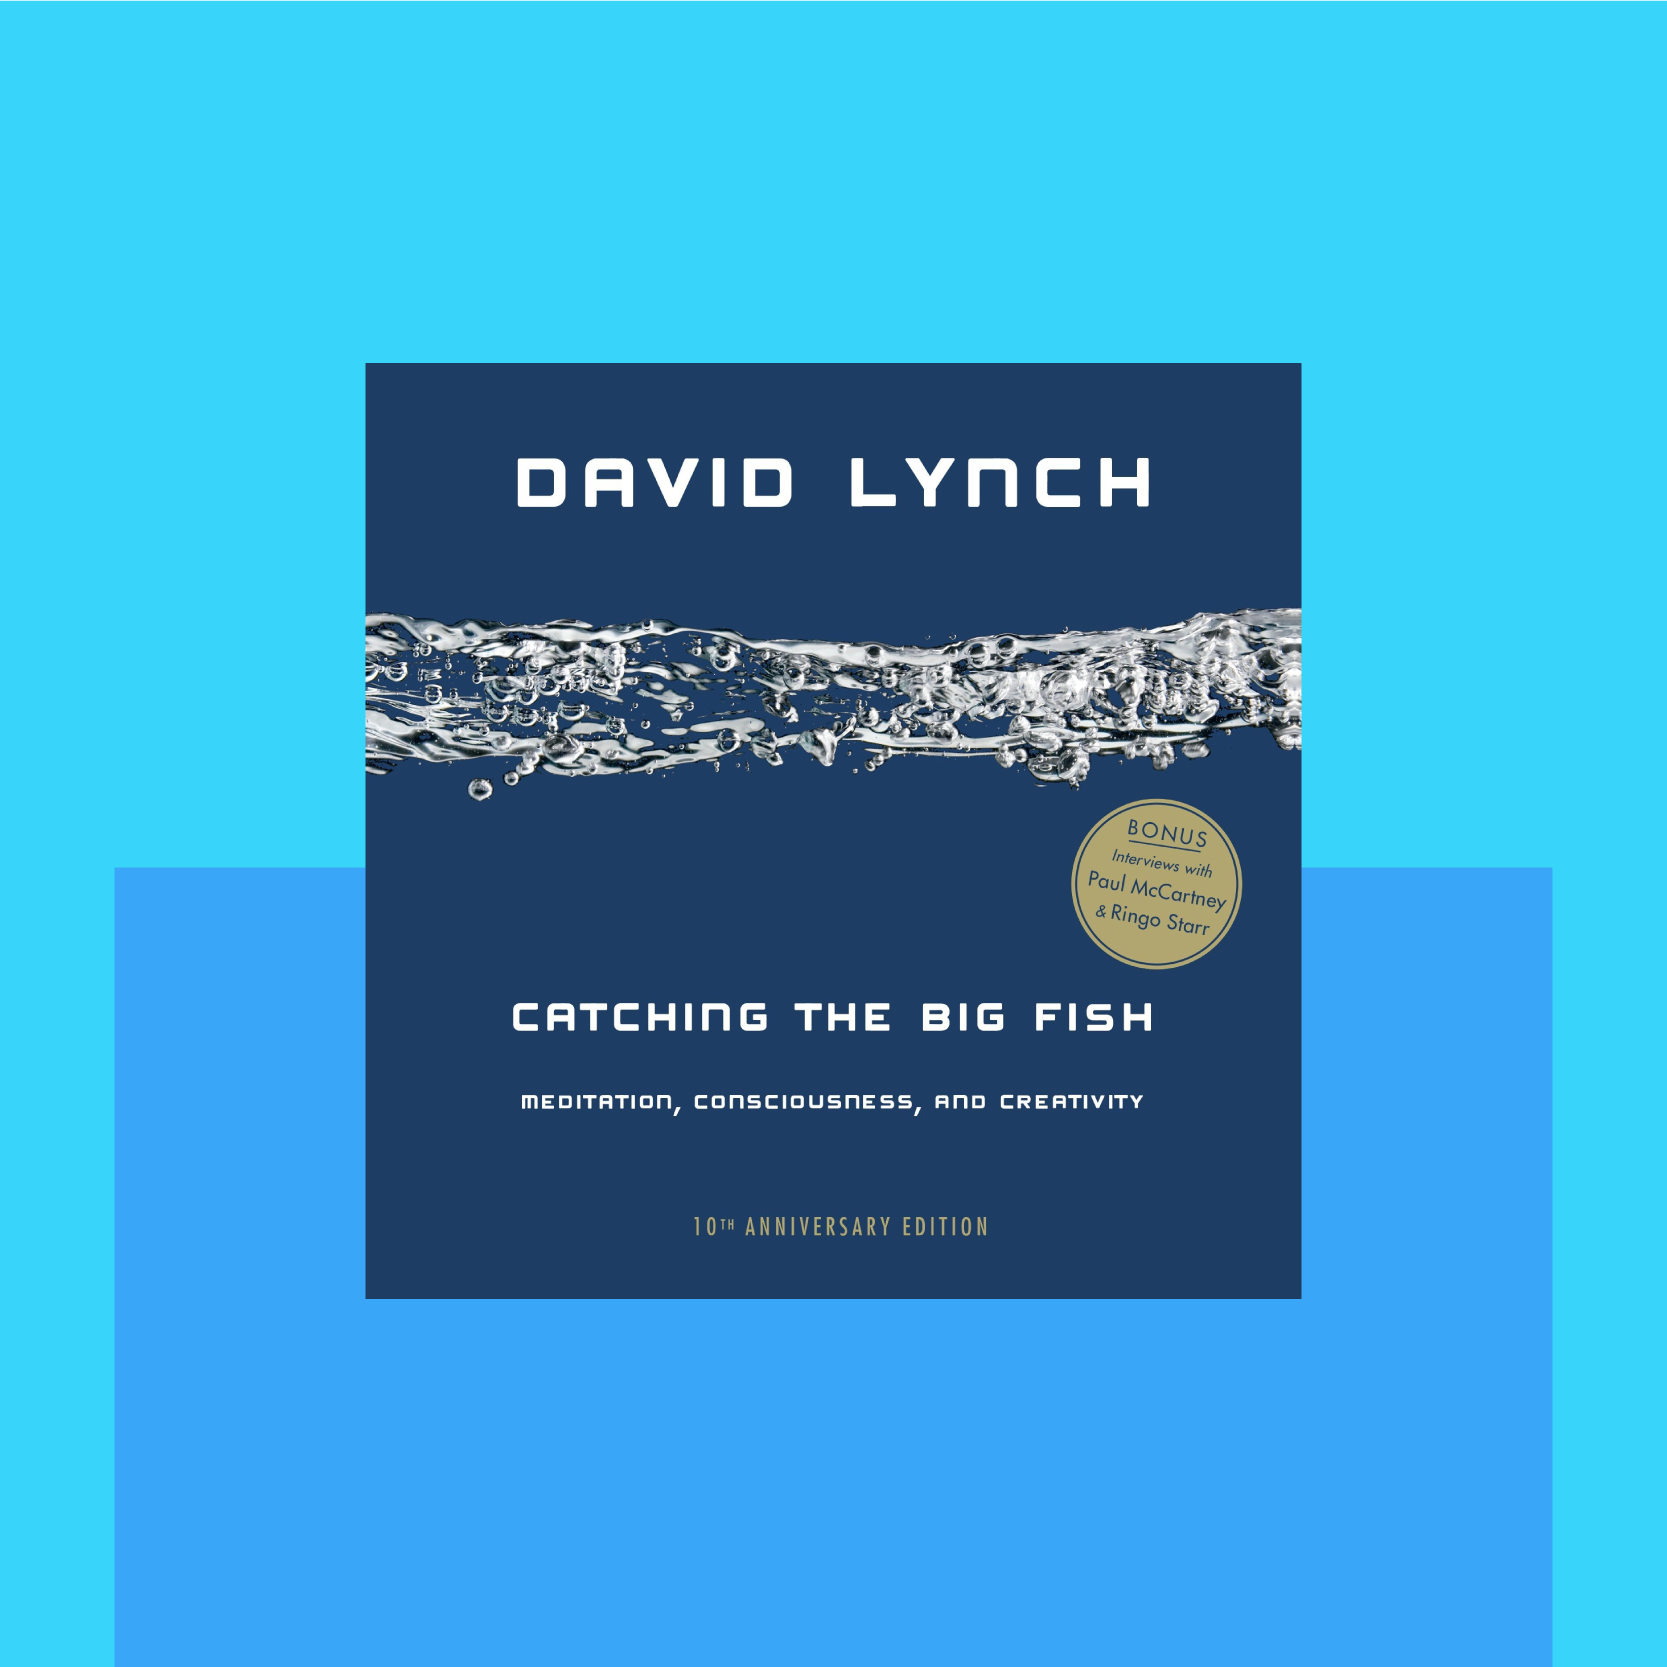 David-Lynch-Catching-the-big-fish.jpg